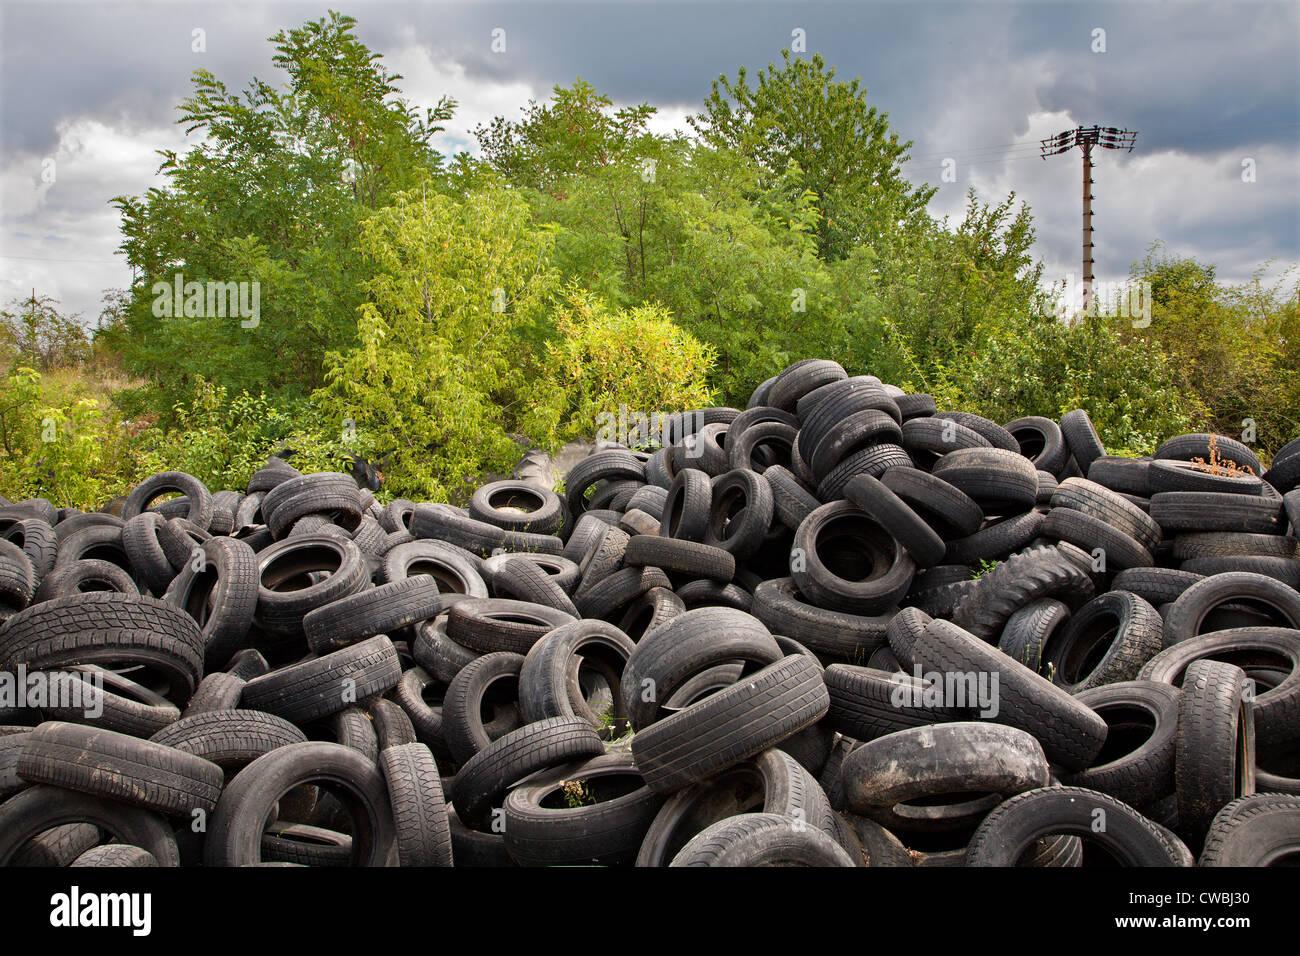 junkyard of pneumatics - Stock Image